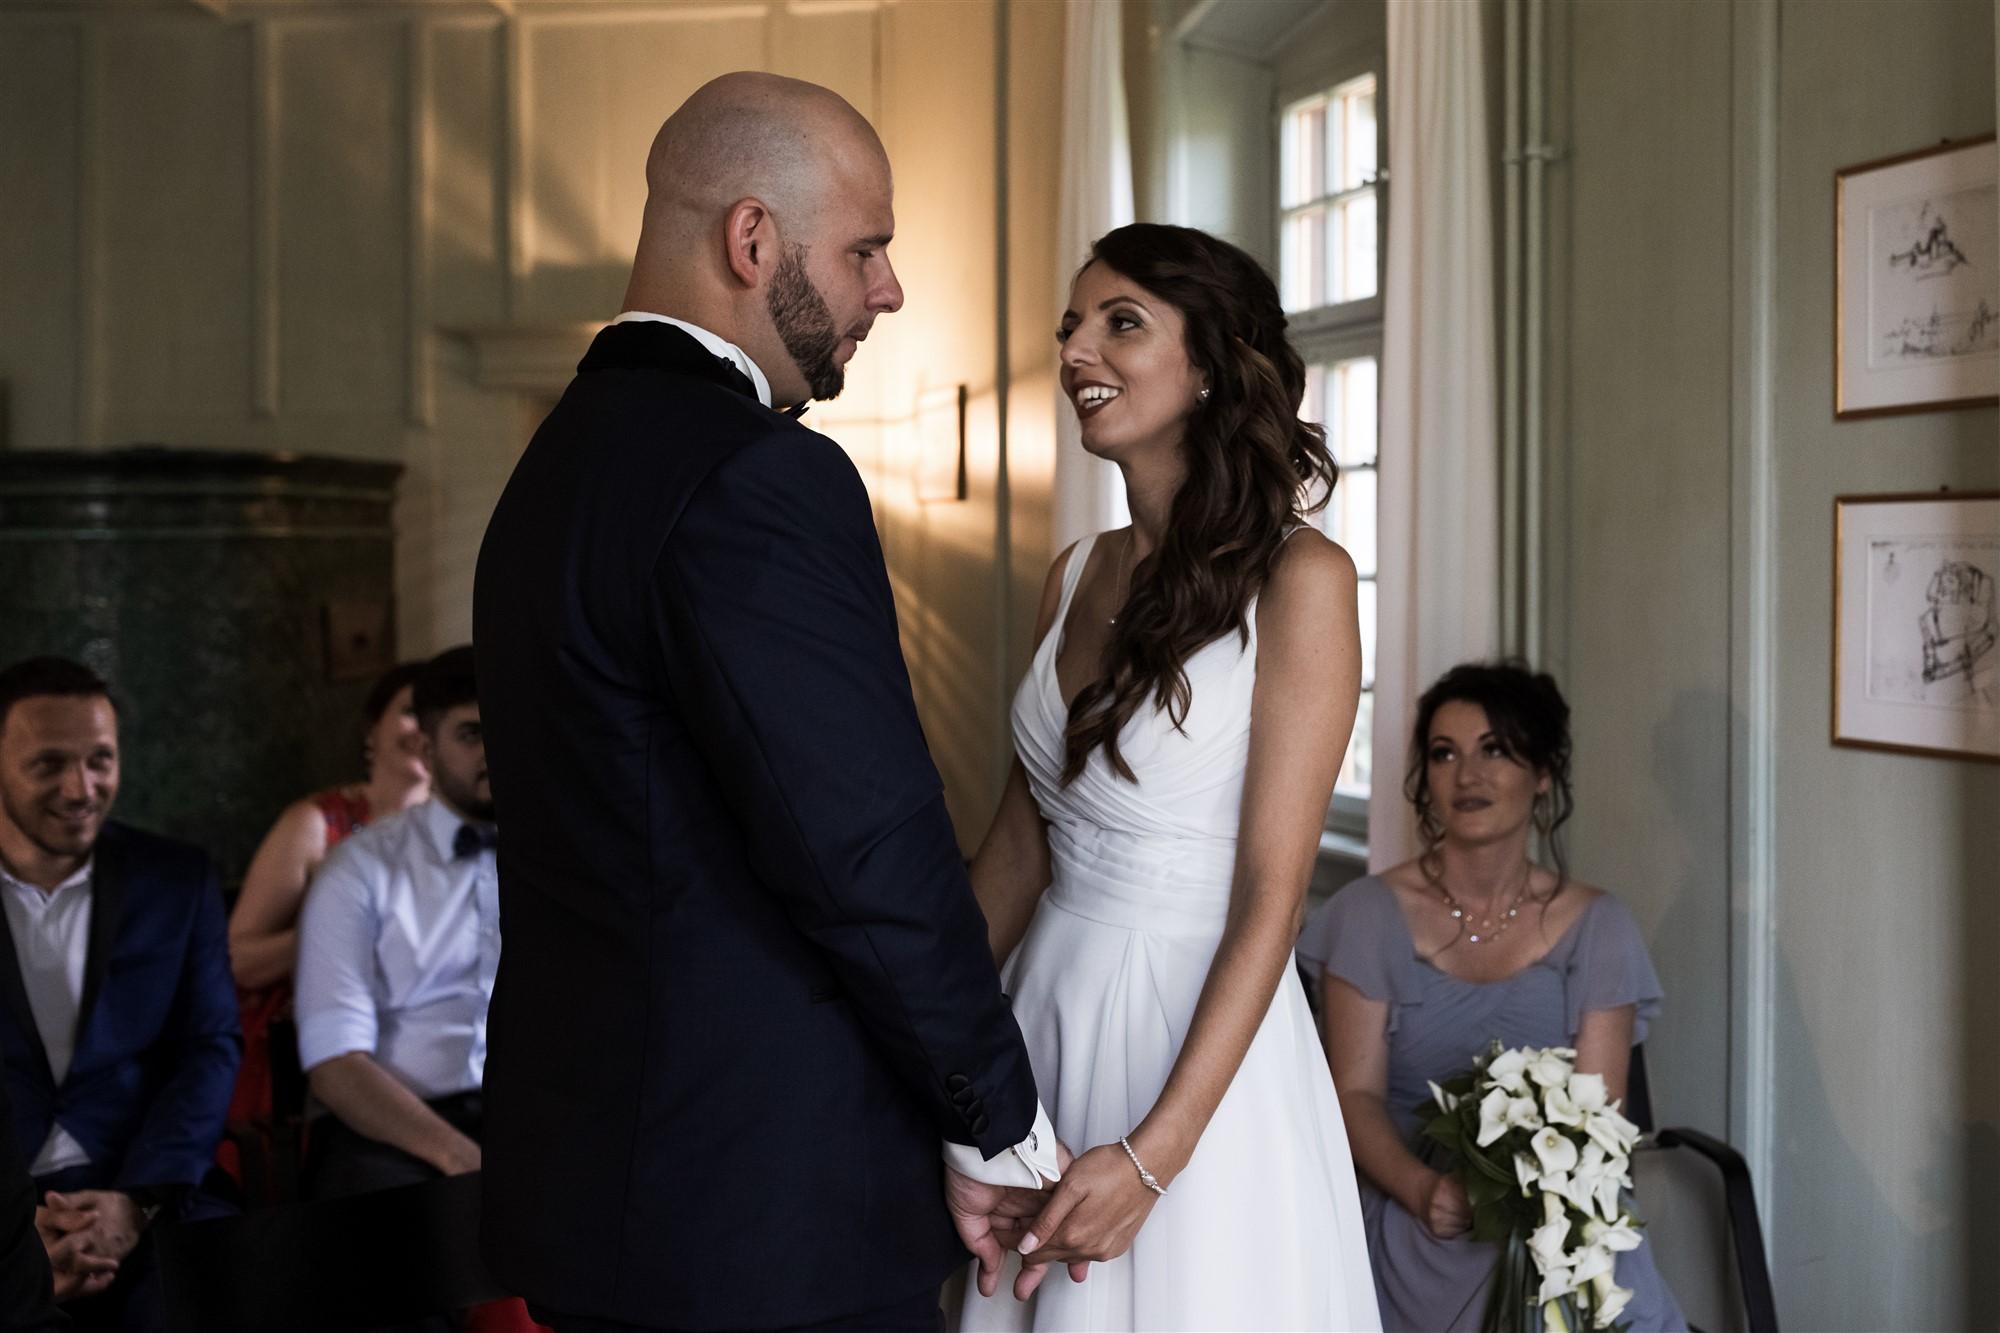 Hochzeit Schloss Wildenstein - Das Eheversprechen des Brautpaares